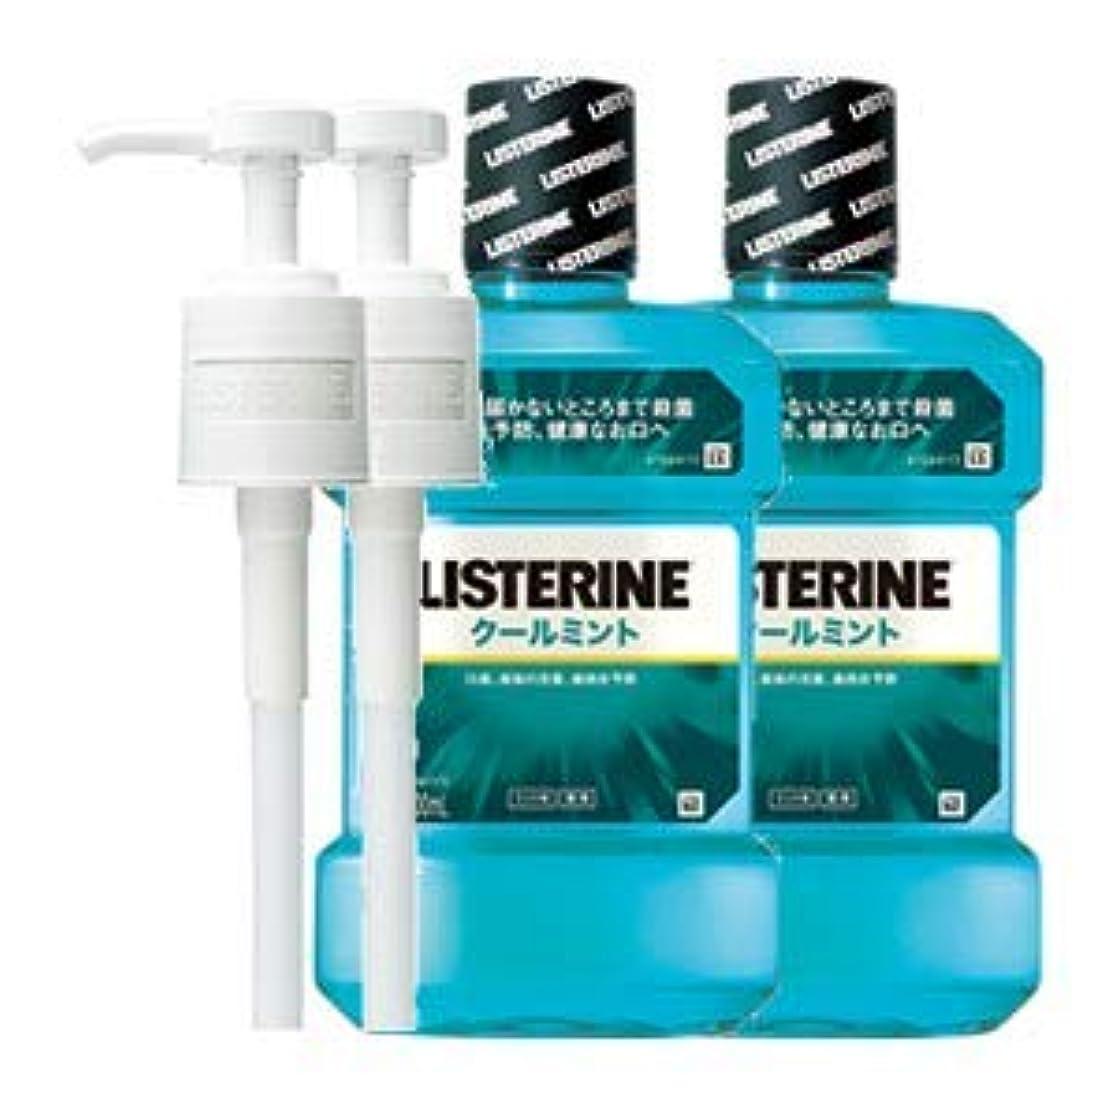 うつ医療の引っ張る薬用リステリン クールミント (マウスウォッシュ/洗口液) 1000mL 2点セット (ポンプ付)